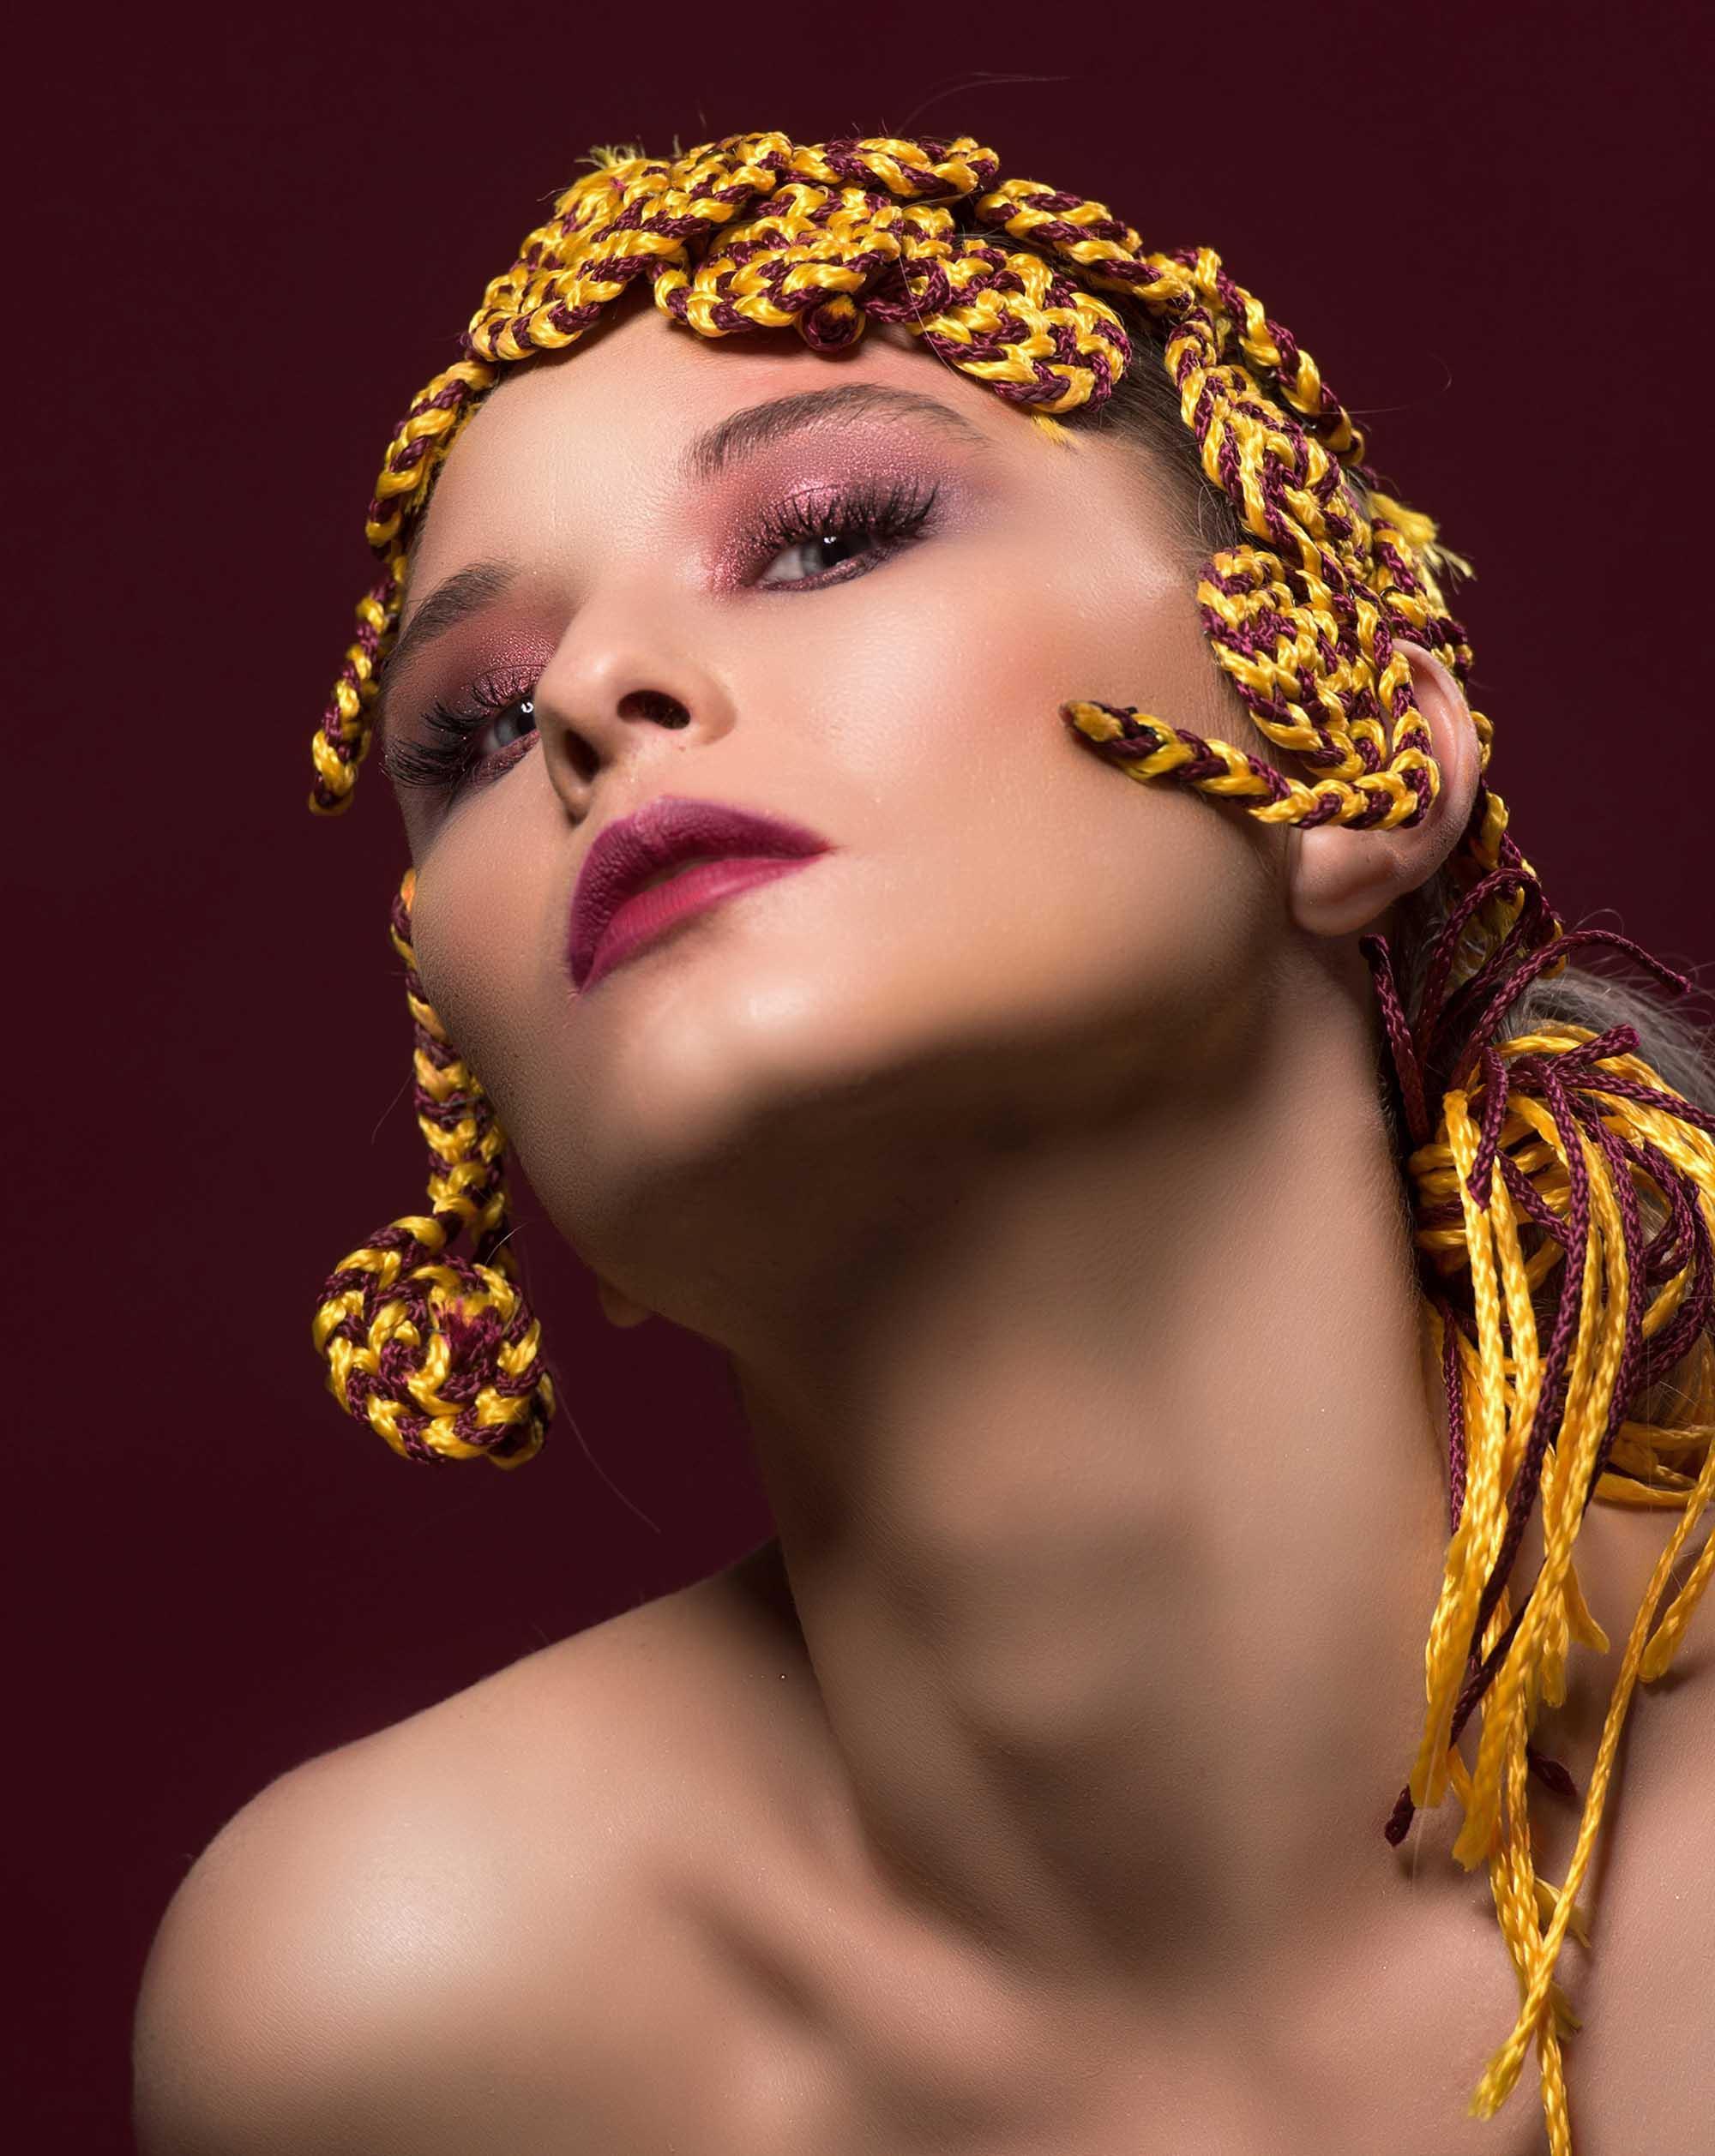 צילום: מני פל, סטיילינג וארט: ליז פלנסיה, עיצוב שיער: שרון פור, איפור: נתנאל טל, דוגמנית: סופה רוזן, עוזרת סטייליניג: אתי פלנסיה, - Fashion Israel - 2020 חדשות אופנה 2020, כתבות אופנה 2020, טרנדים 2020, מגזין אופנה ישראלי, אופנה - 8